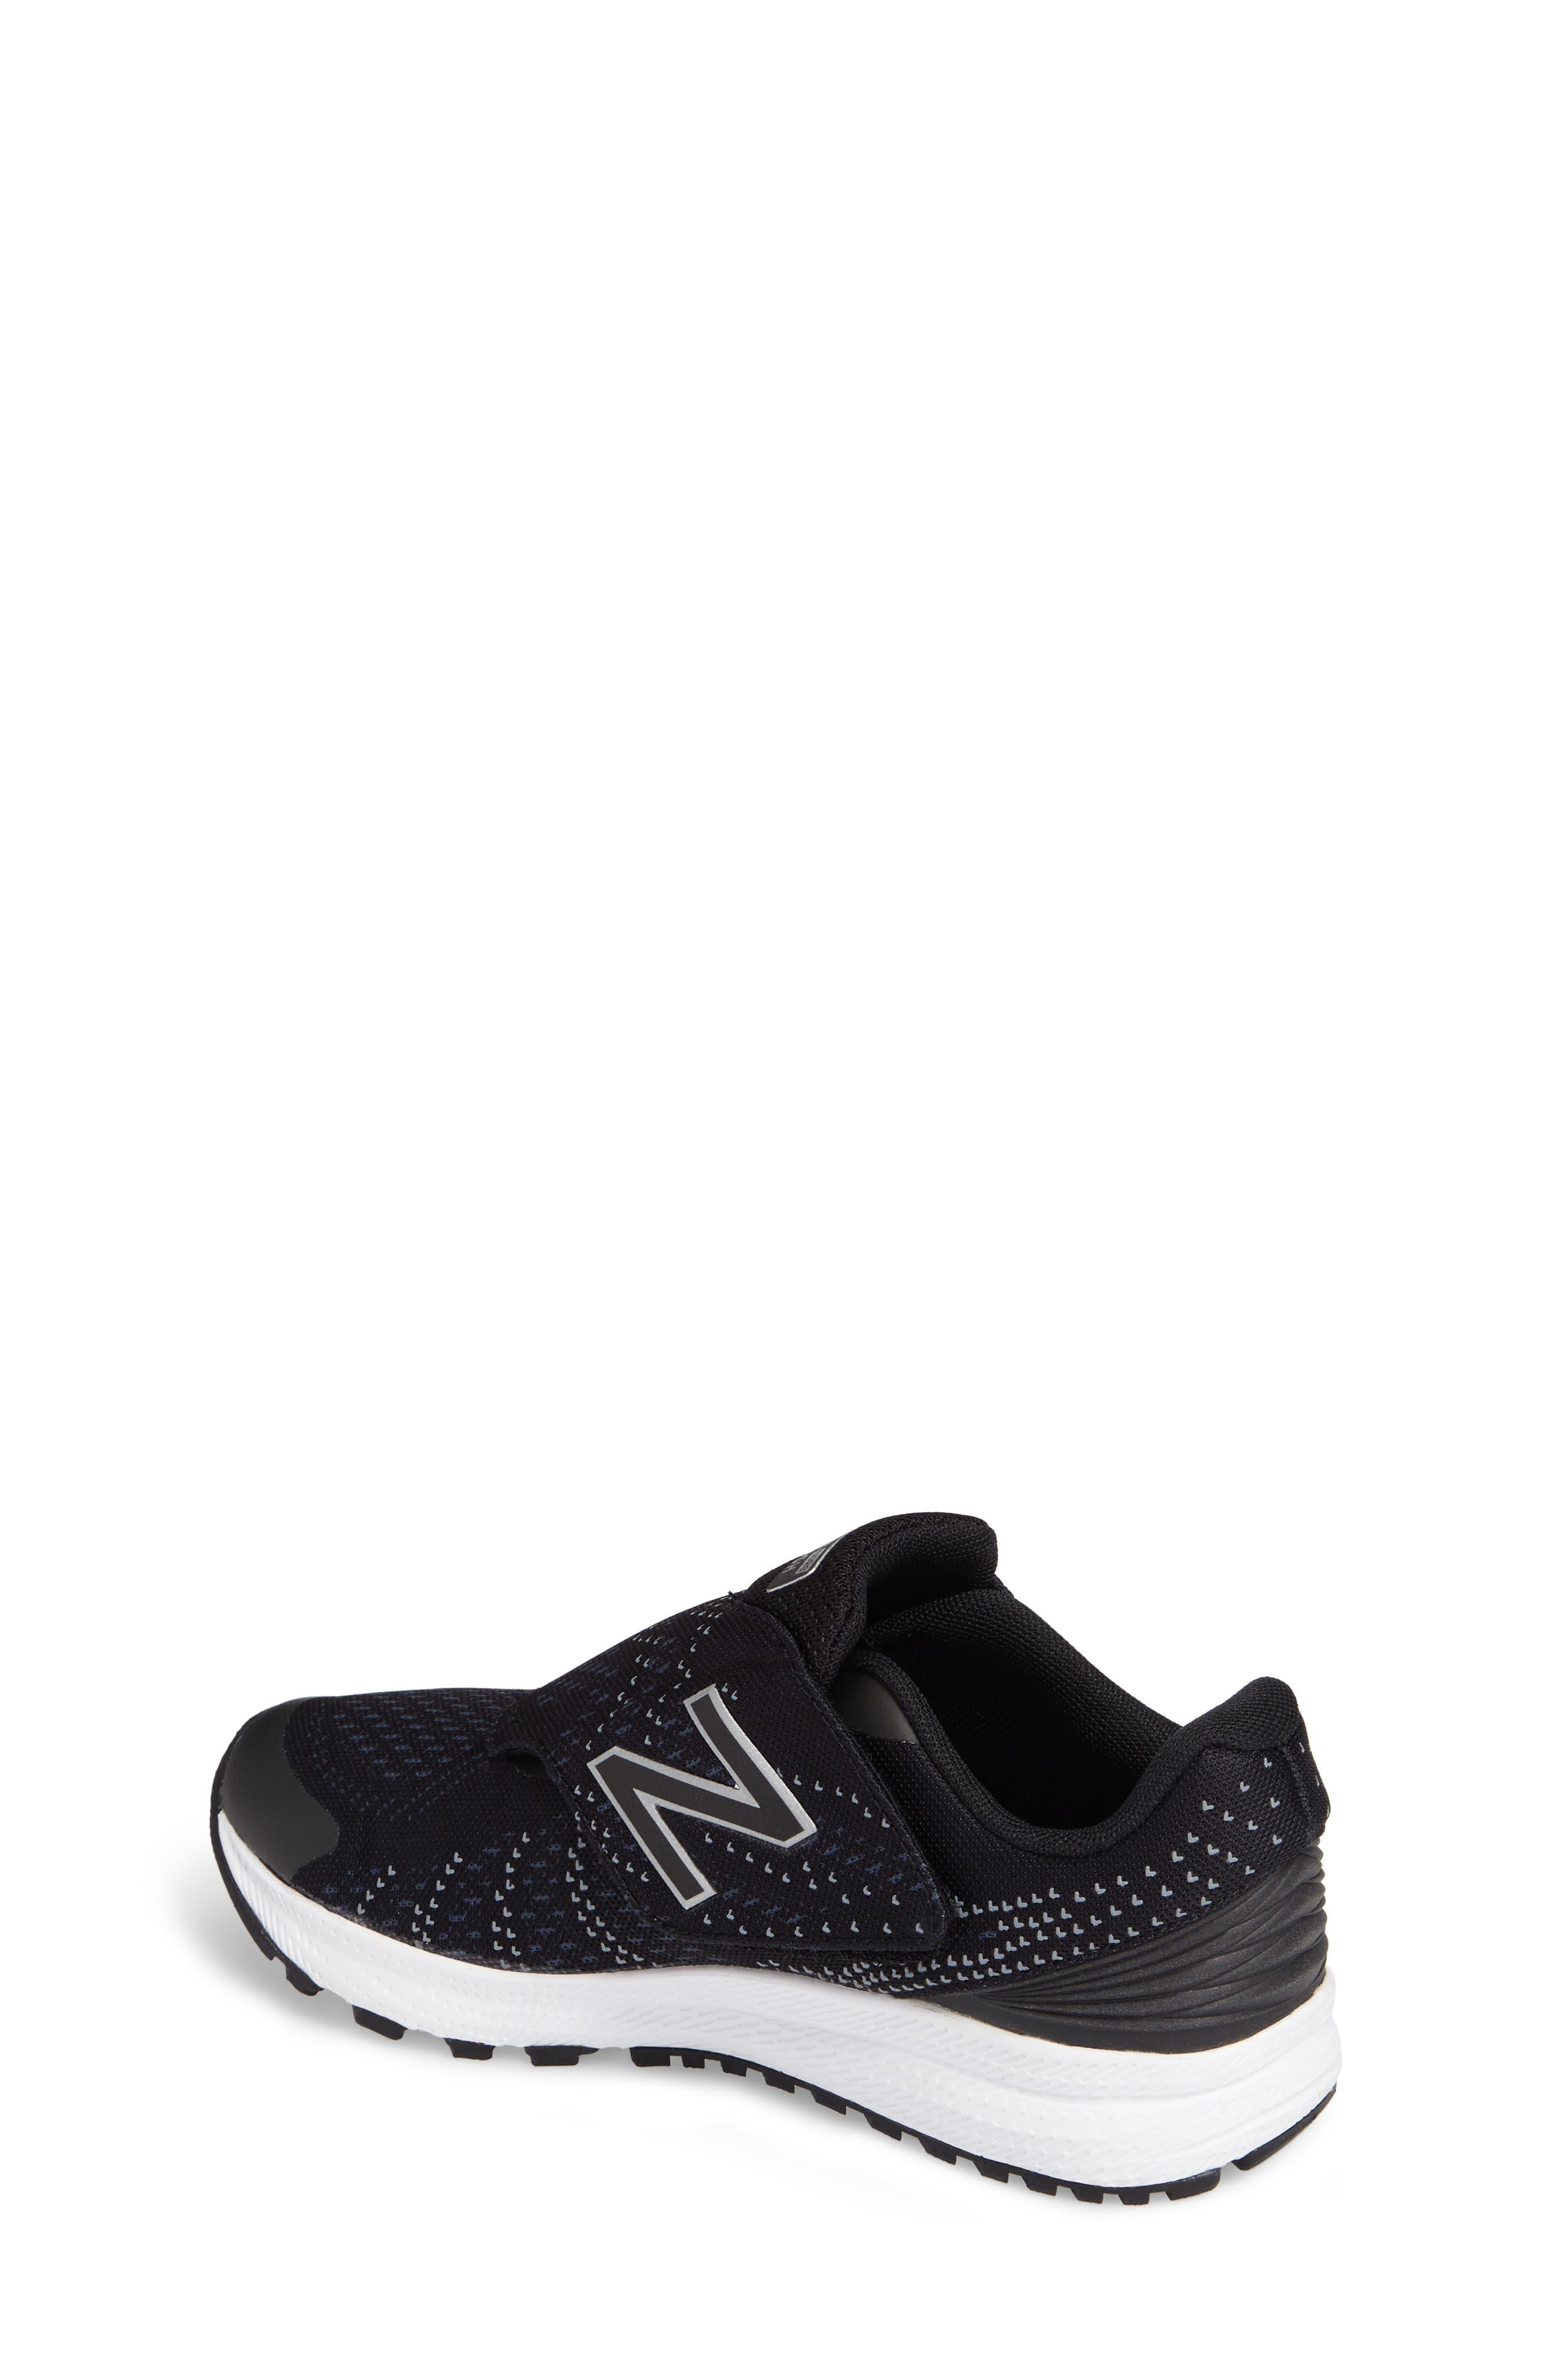 FuelCore Rush v3 Sneaker,                             Alternate thumbnail 2, color,                             Black